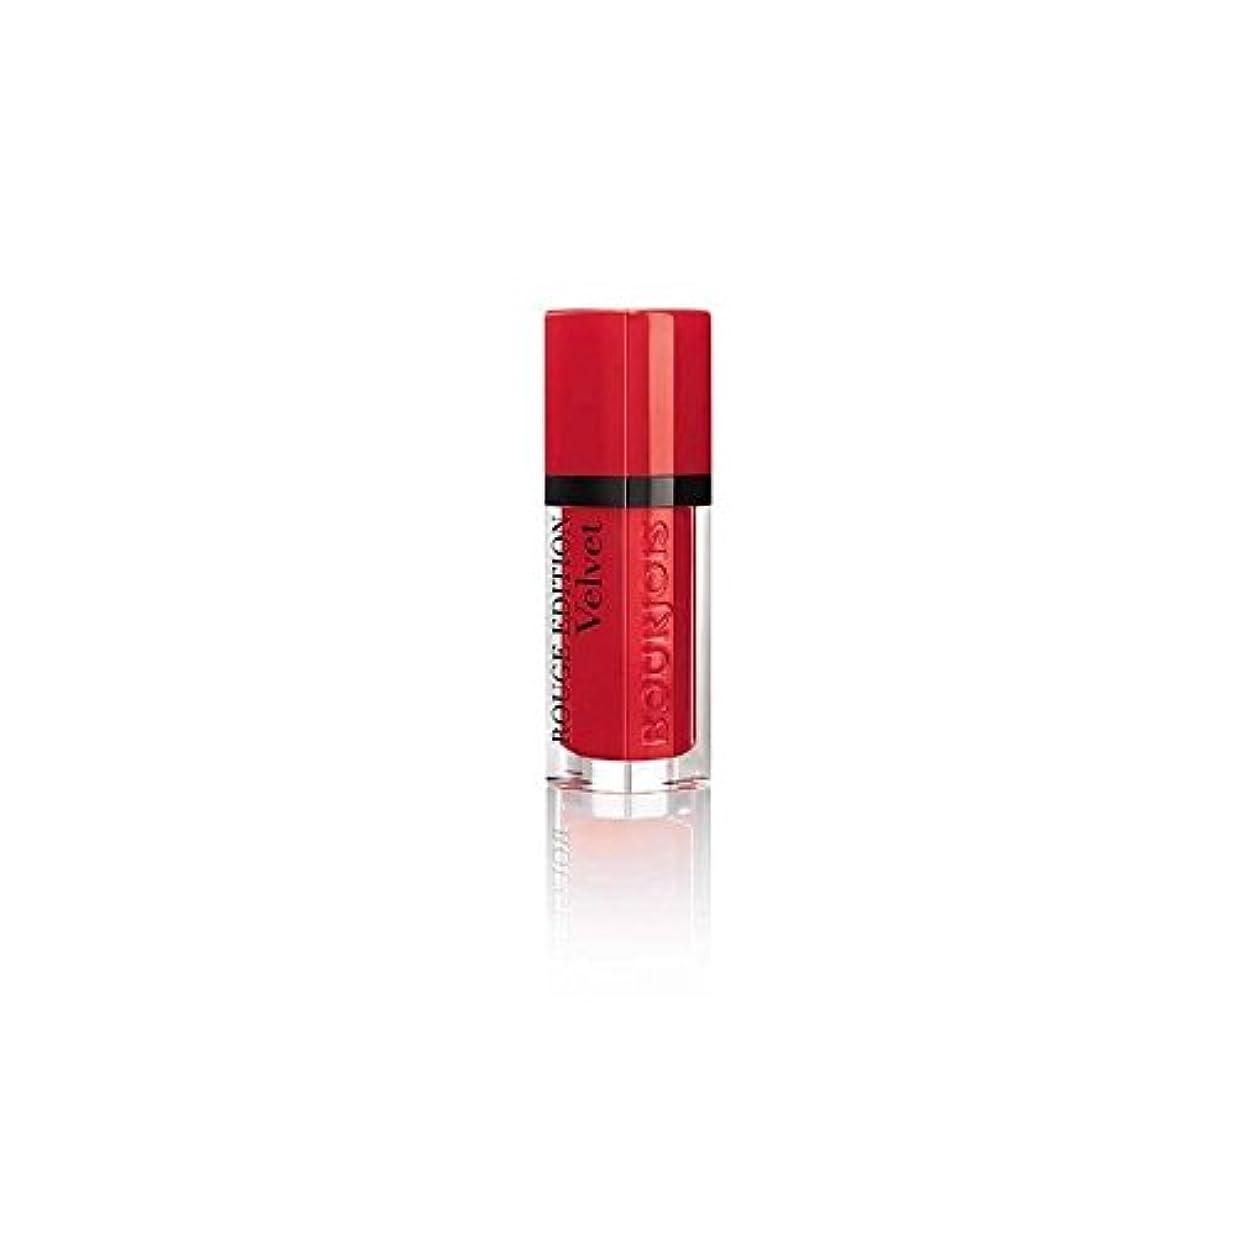 育成基礎理論飛ぶブルジョワルージュ版のベルベットの口紅は、それはレディングの男性18です x4 - Bourjois Rouge Edition Velvet Lipstick It's Redding Men 18 (Pack of 4) [並行輸入品]